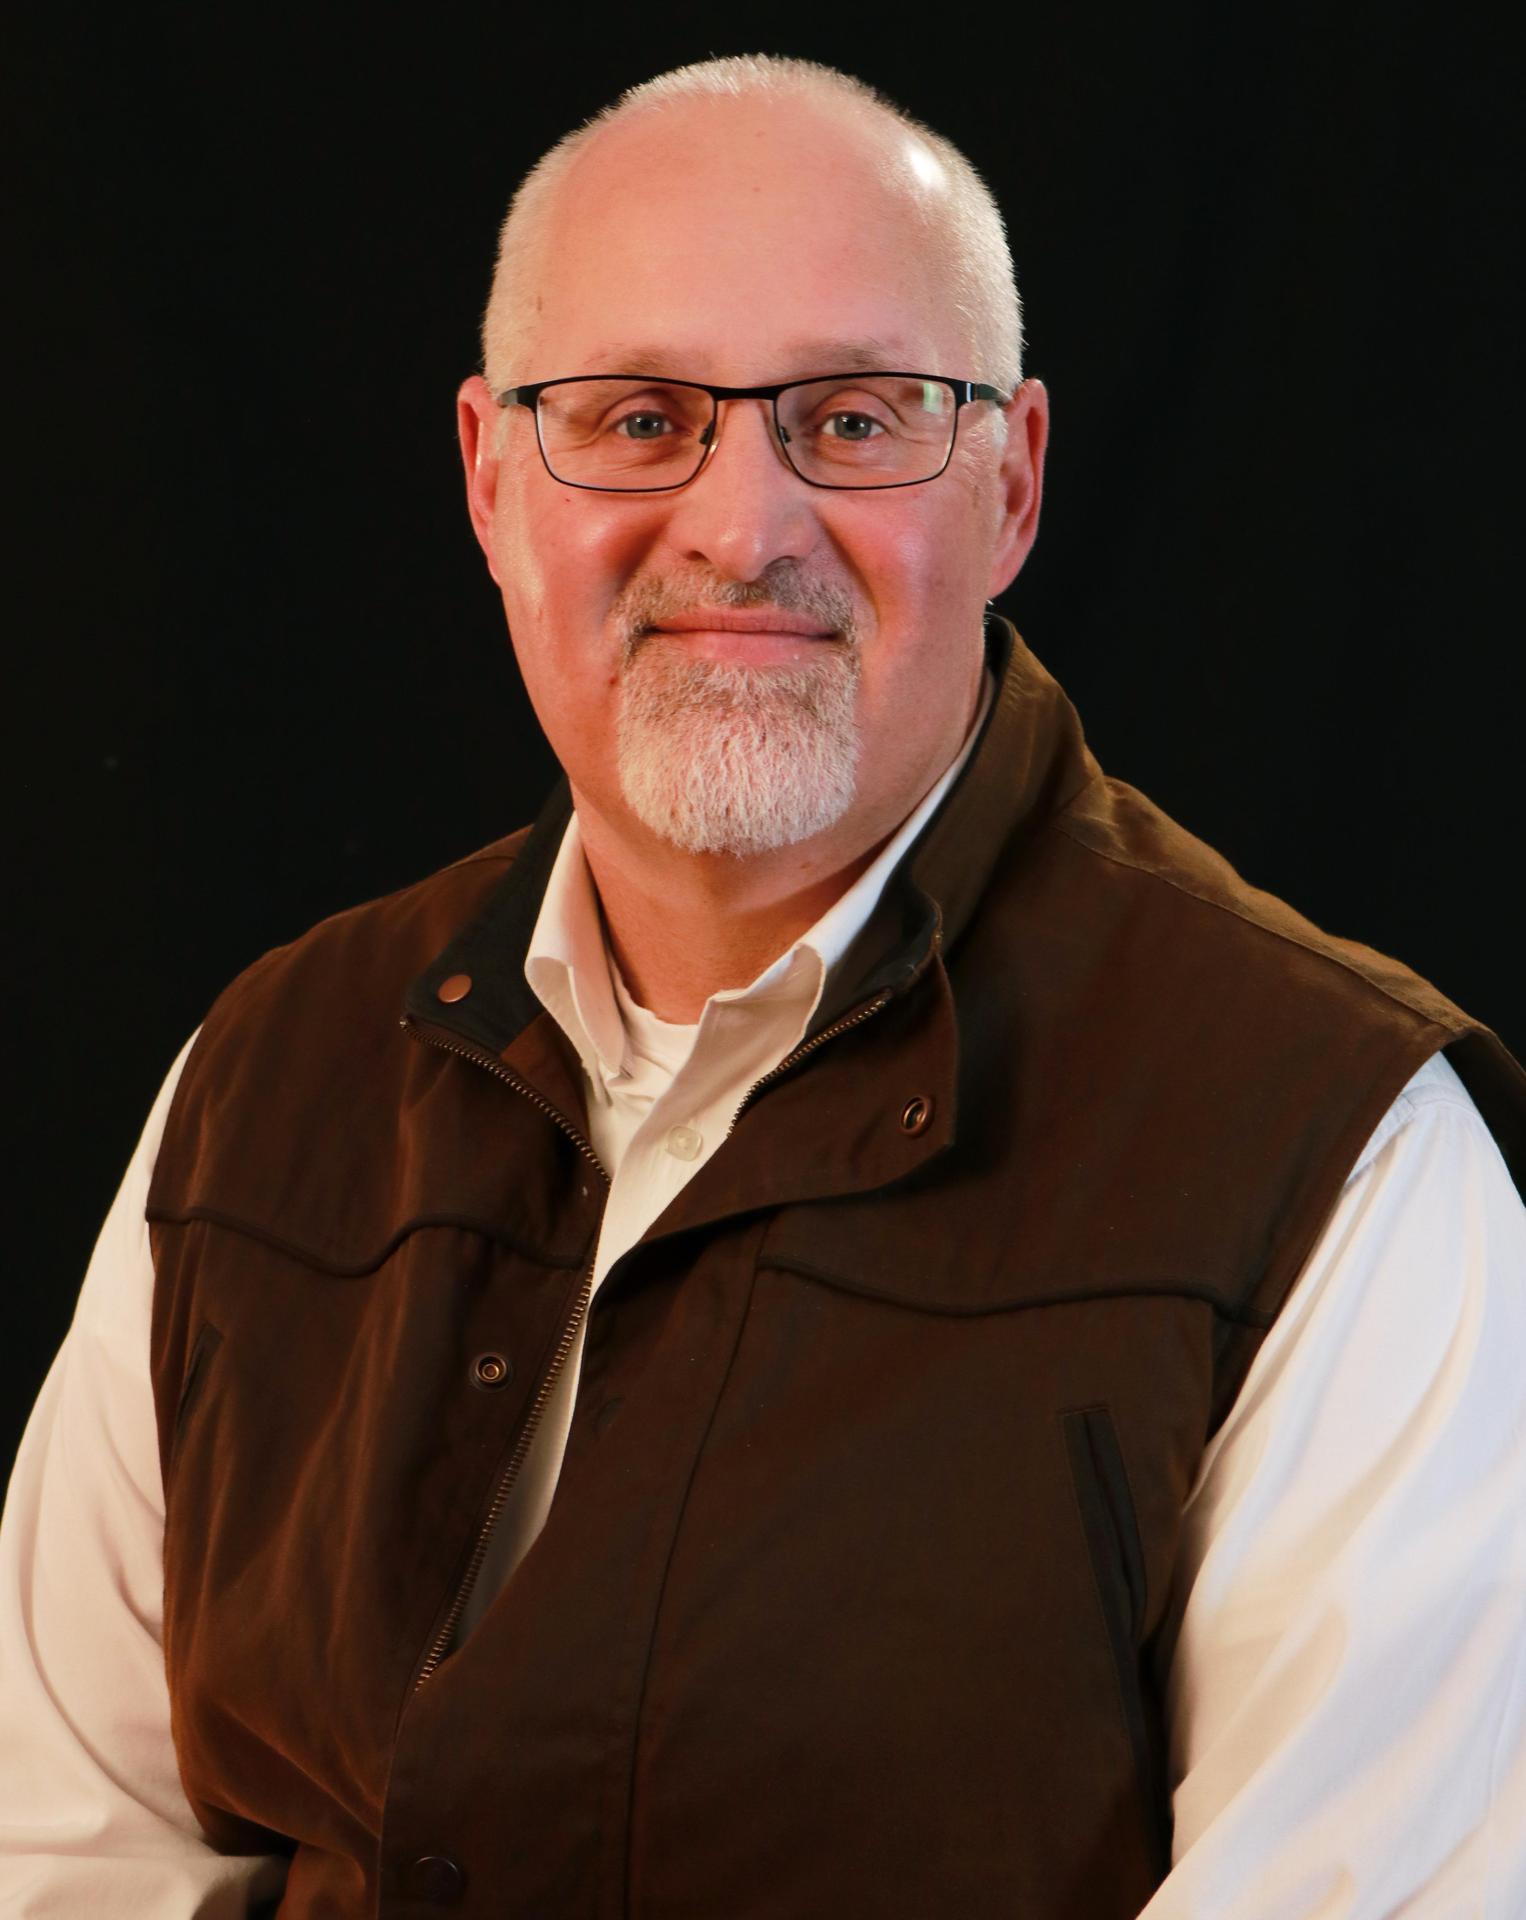 Image of Steve Sanders